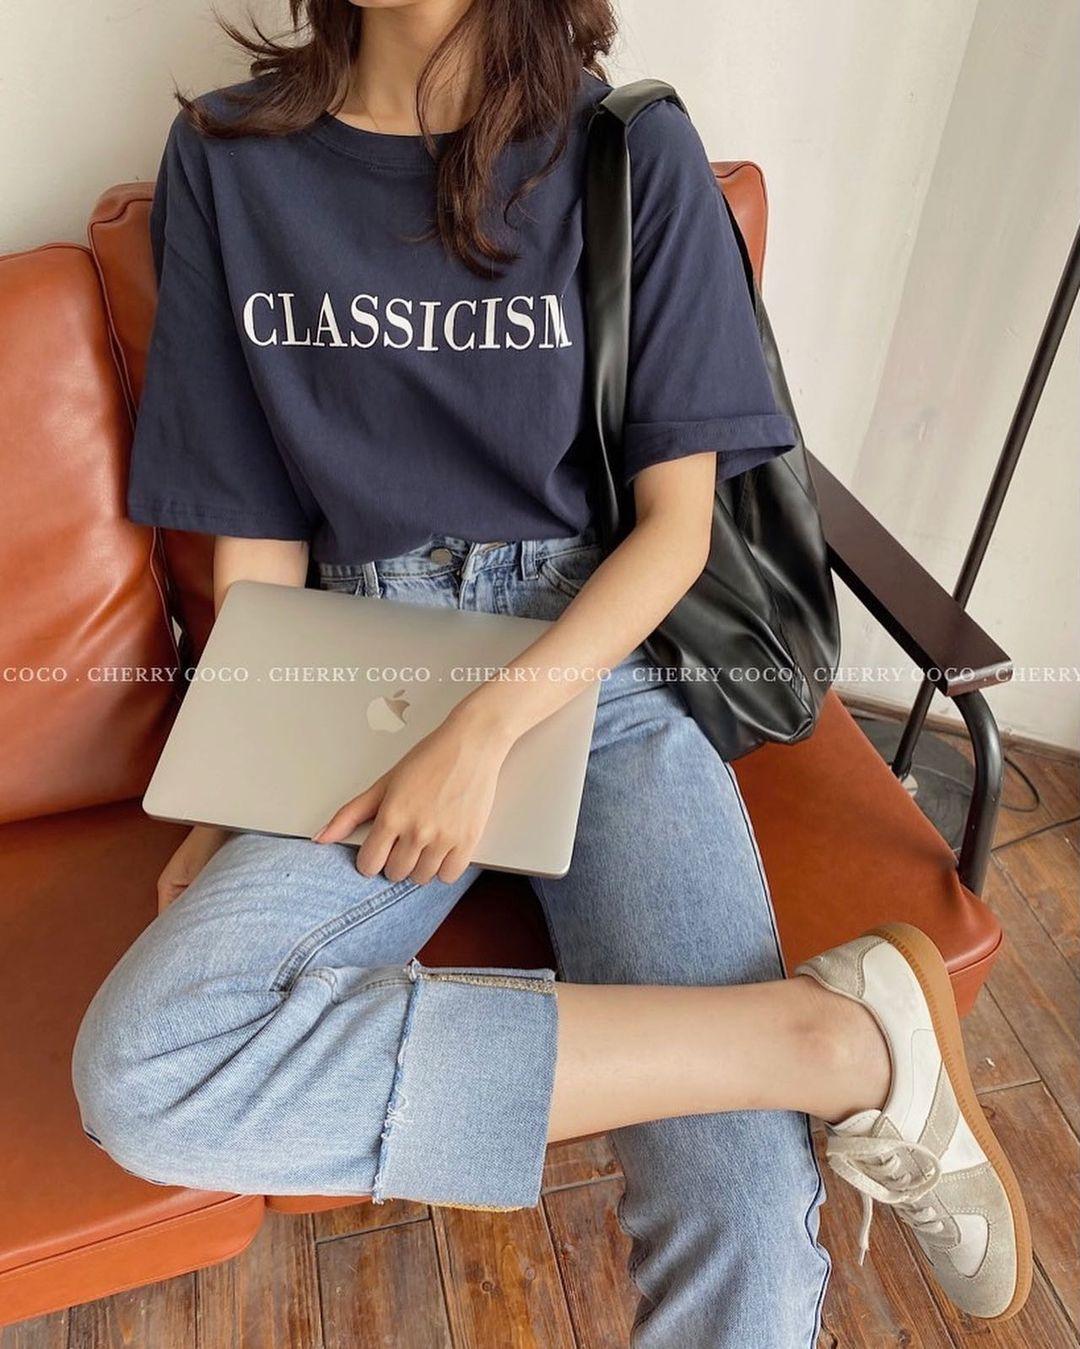 """Tuyển tập áo phông chuẩn style Hàn đẹp nhất tại các shop, chị em """"múc"""" ngay vì giá chỉ từ 150k - Ảnh 7."""